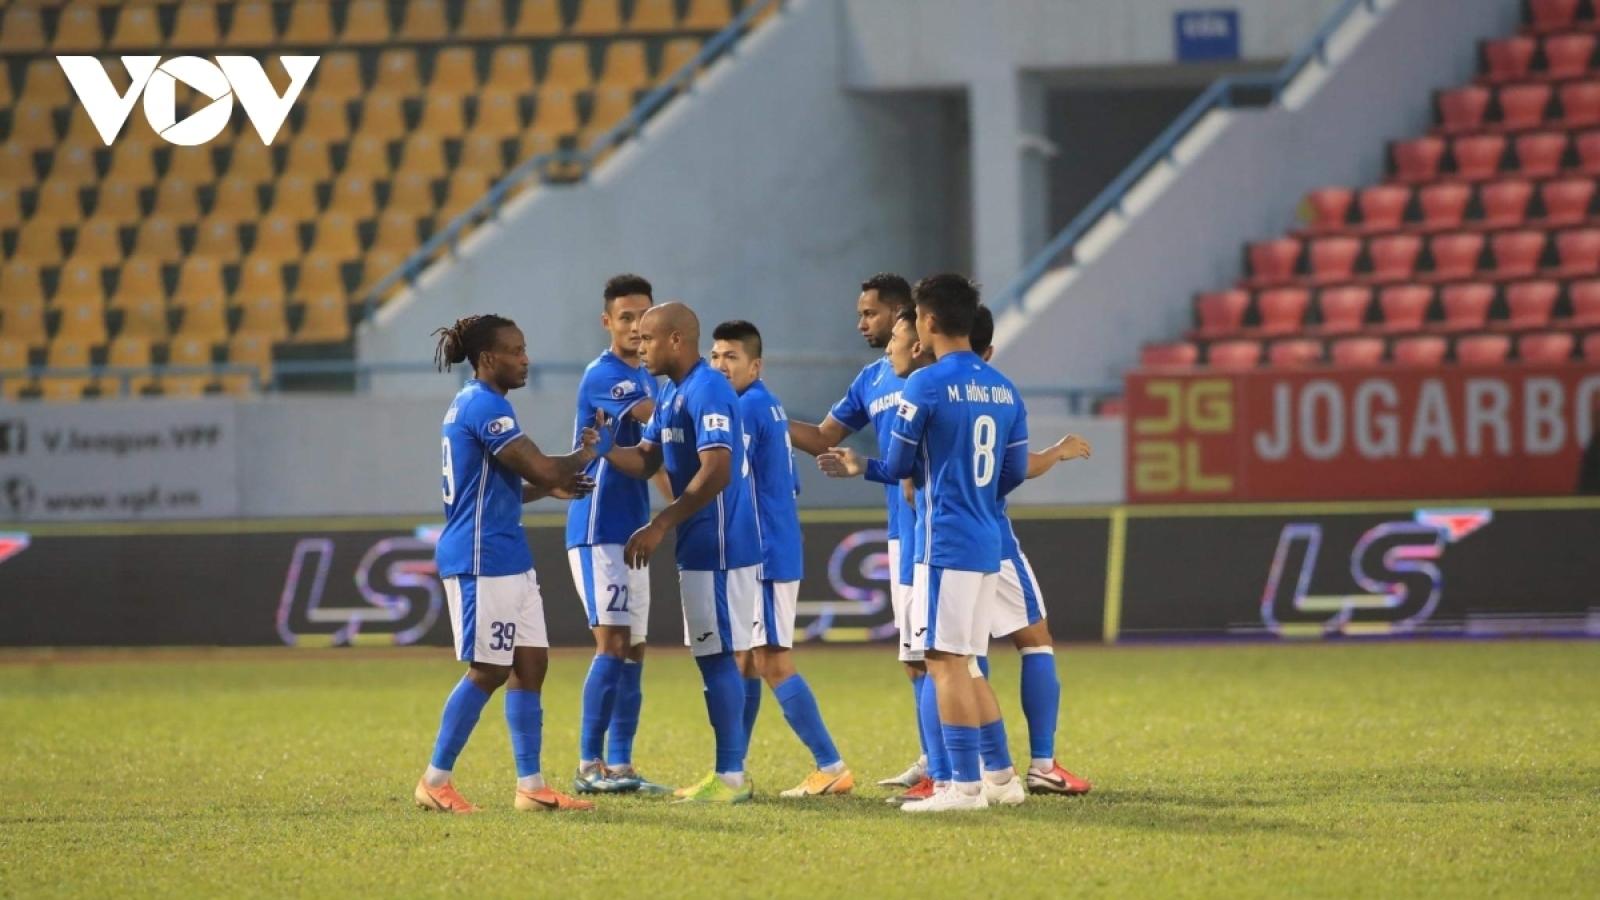 """Than Quảng Ninh được thưởng nóng sau khi cầu thủ đồng loạt """"kêu cứu"""""""